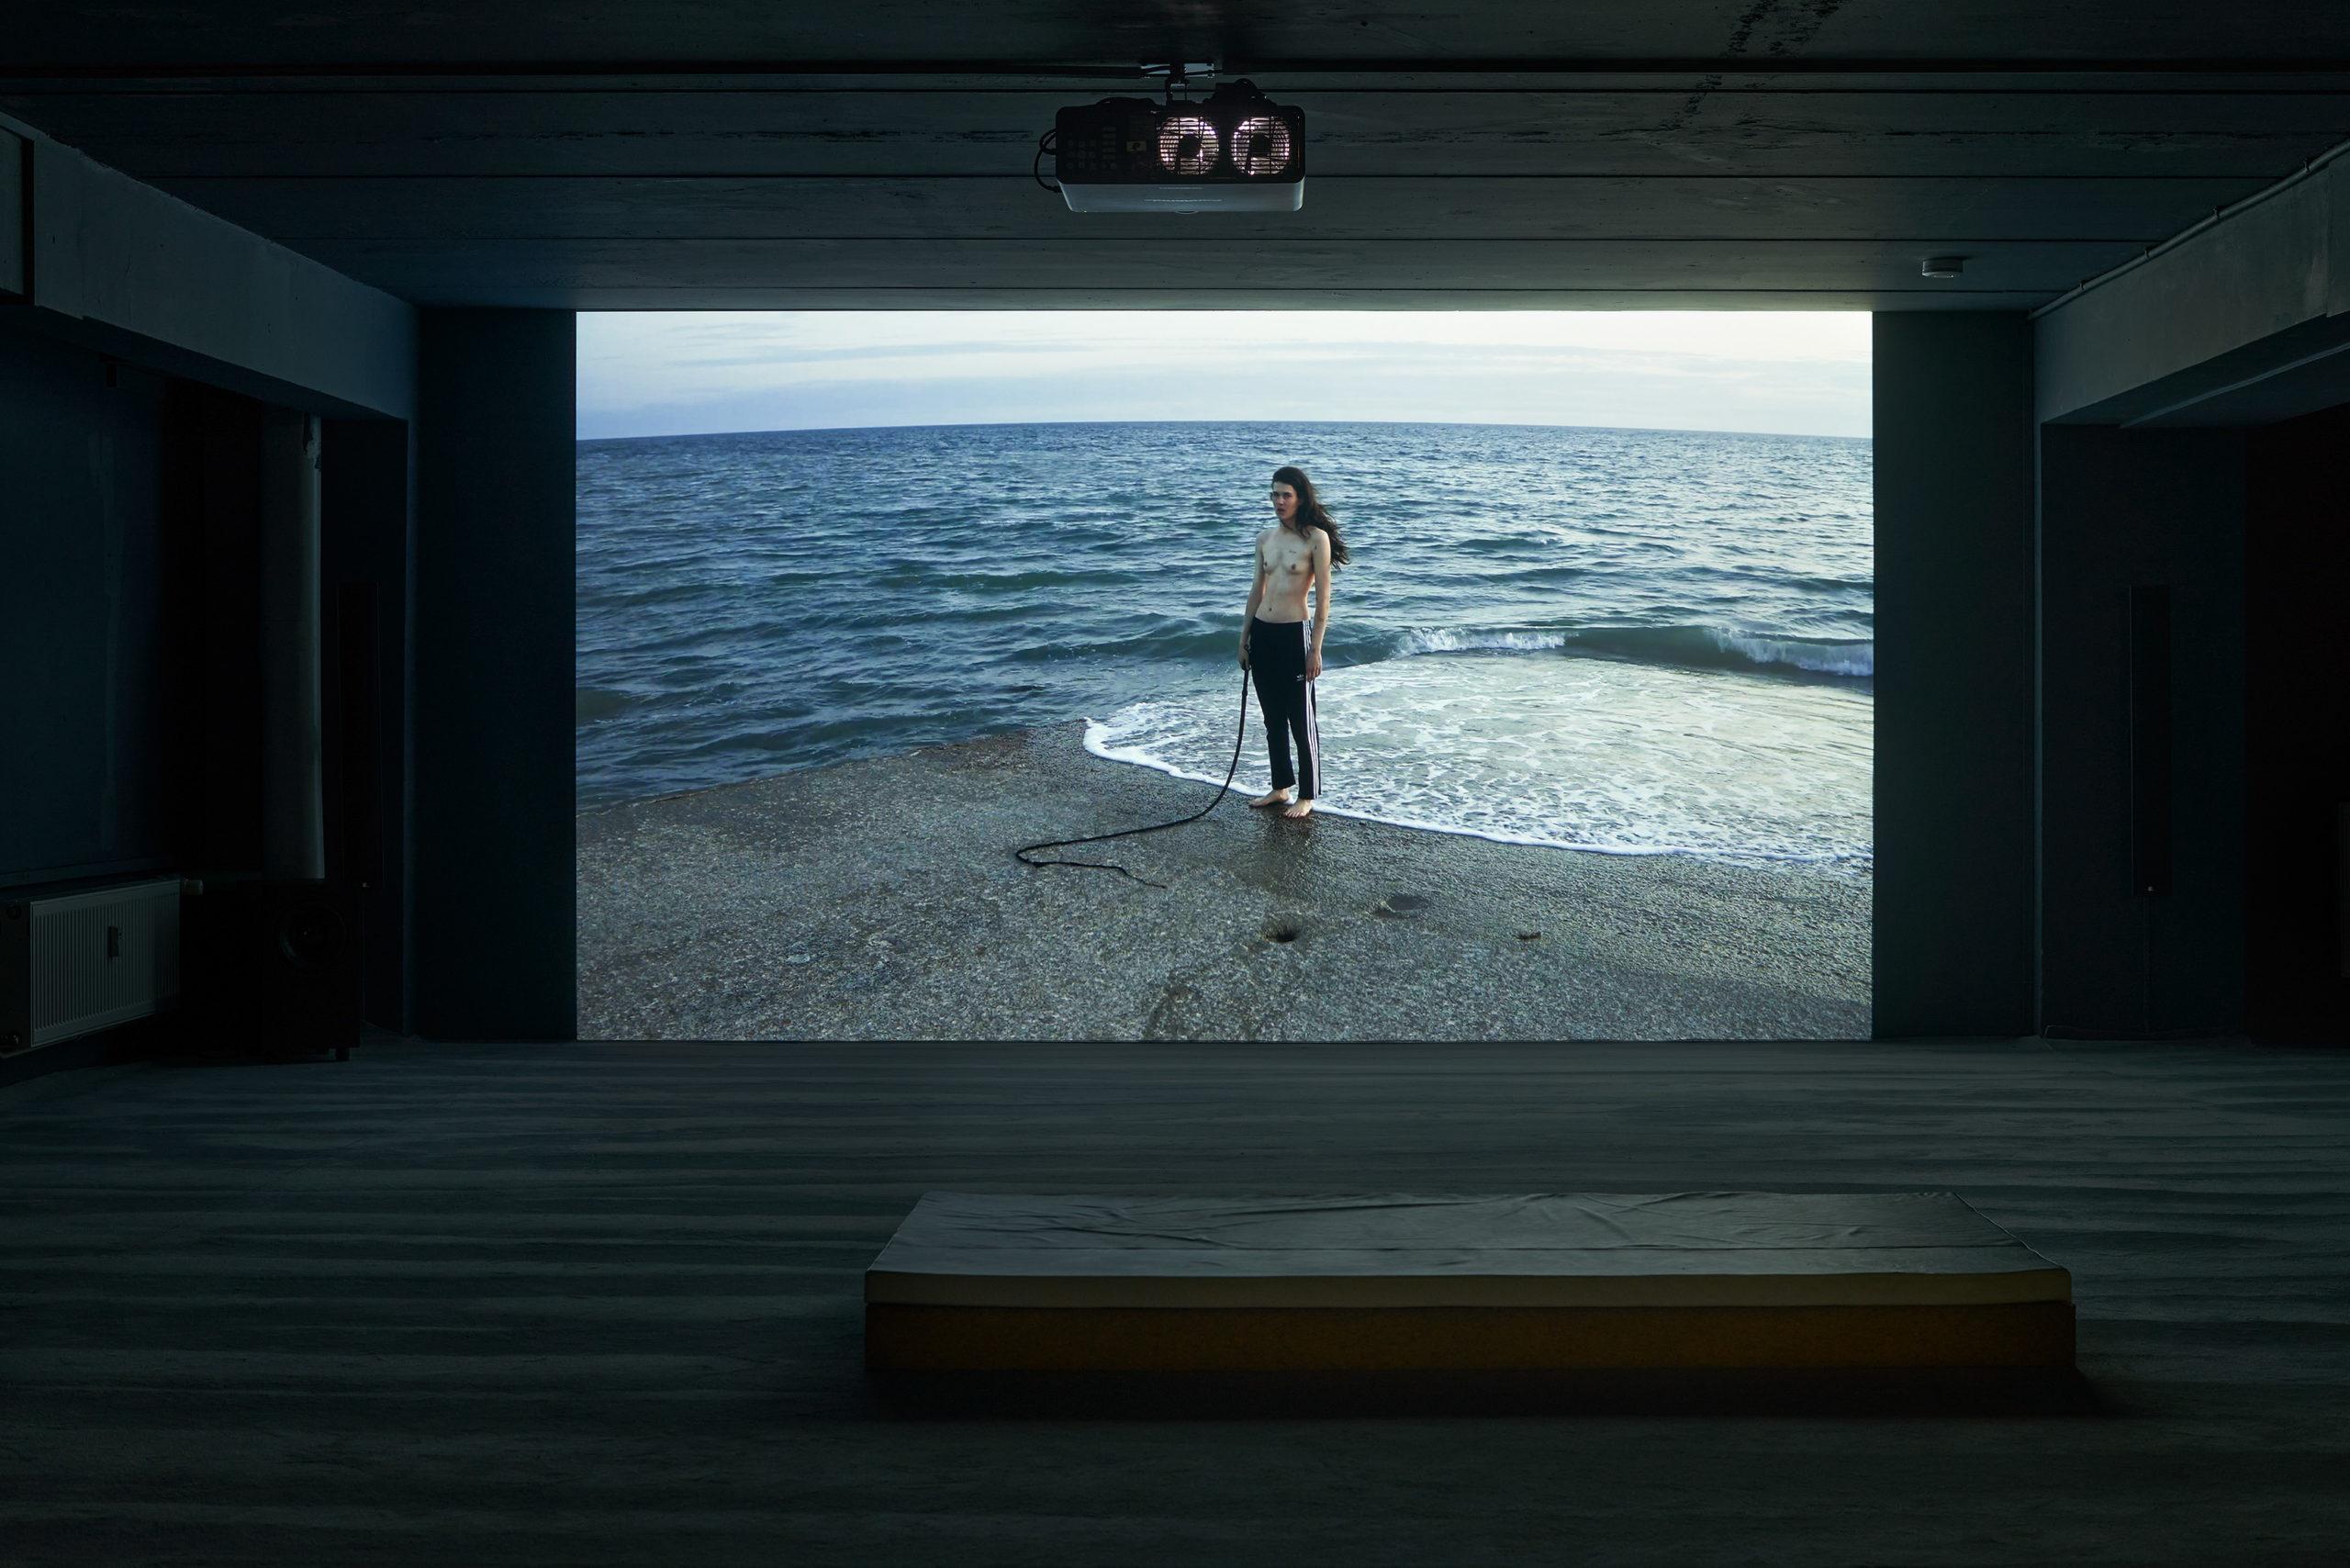 """Installationsansicht von Anne Imhof """"Untitled (Wave)"""", 2021. Foto: Foto: Alwin Lay"""